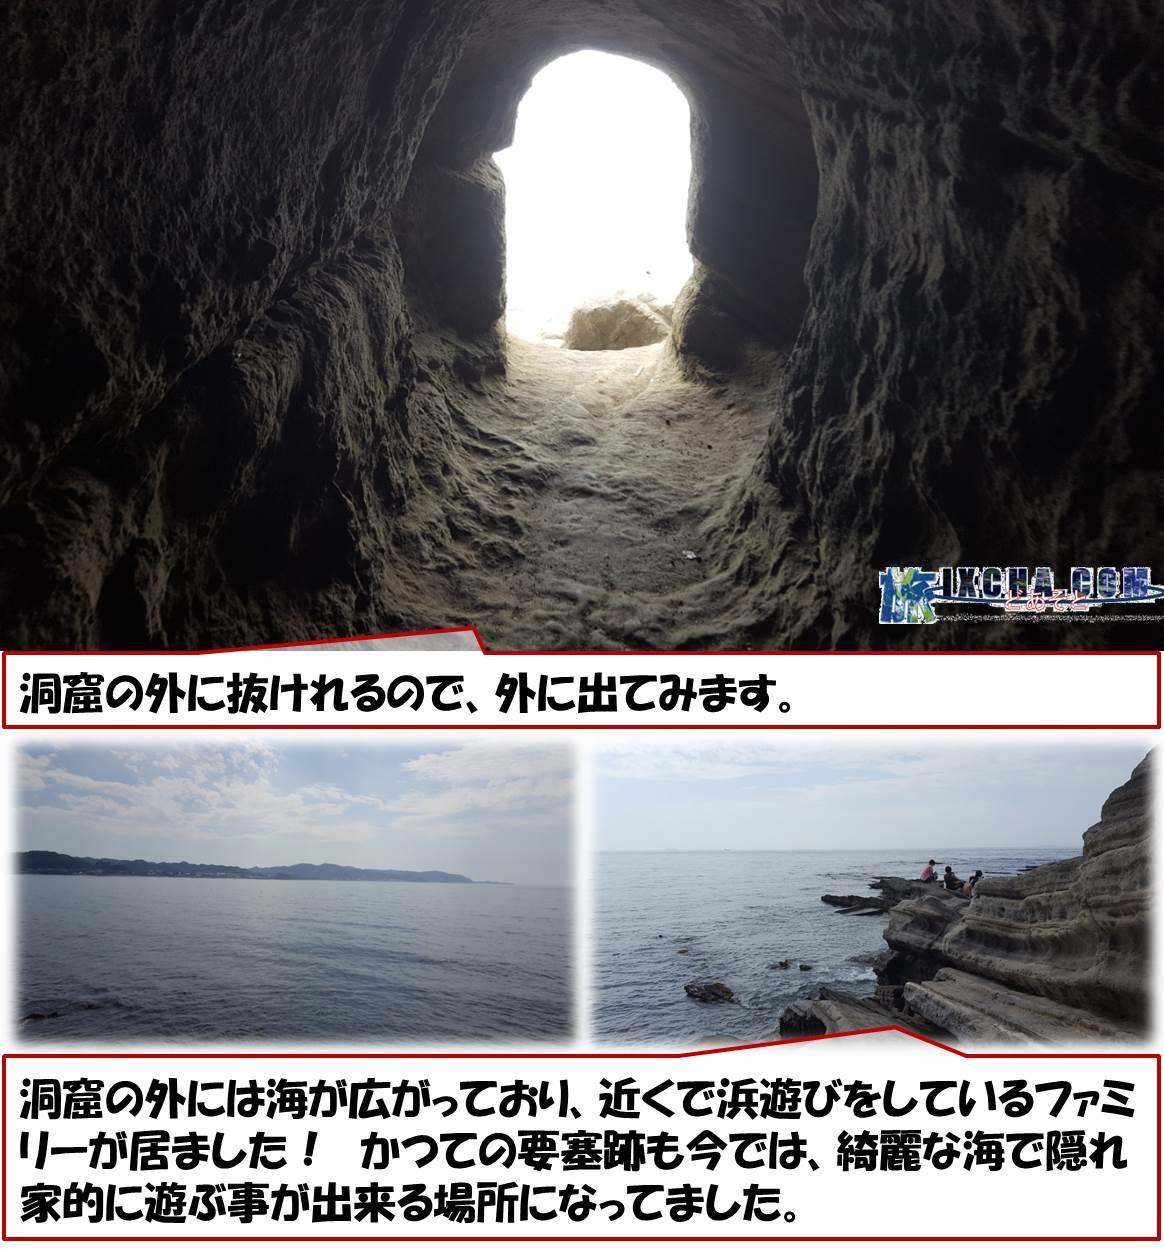 洞窟の外に抜けれるので、外に出てみます。 洞窟の外には海が広がっており、近くで浜遊びをしているファミリーが居ました! かつての要塞跡も今では、綺麗な海で隠れ家的に遊ぶ事が出来る場所になってました。 洞窟の海への出口は、こんな感じです。 先程の「銃眼」の穴は遠くからだと、ここに機関銃が置かれているなんて分からない様になってます。